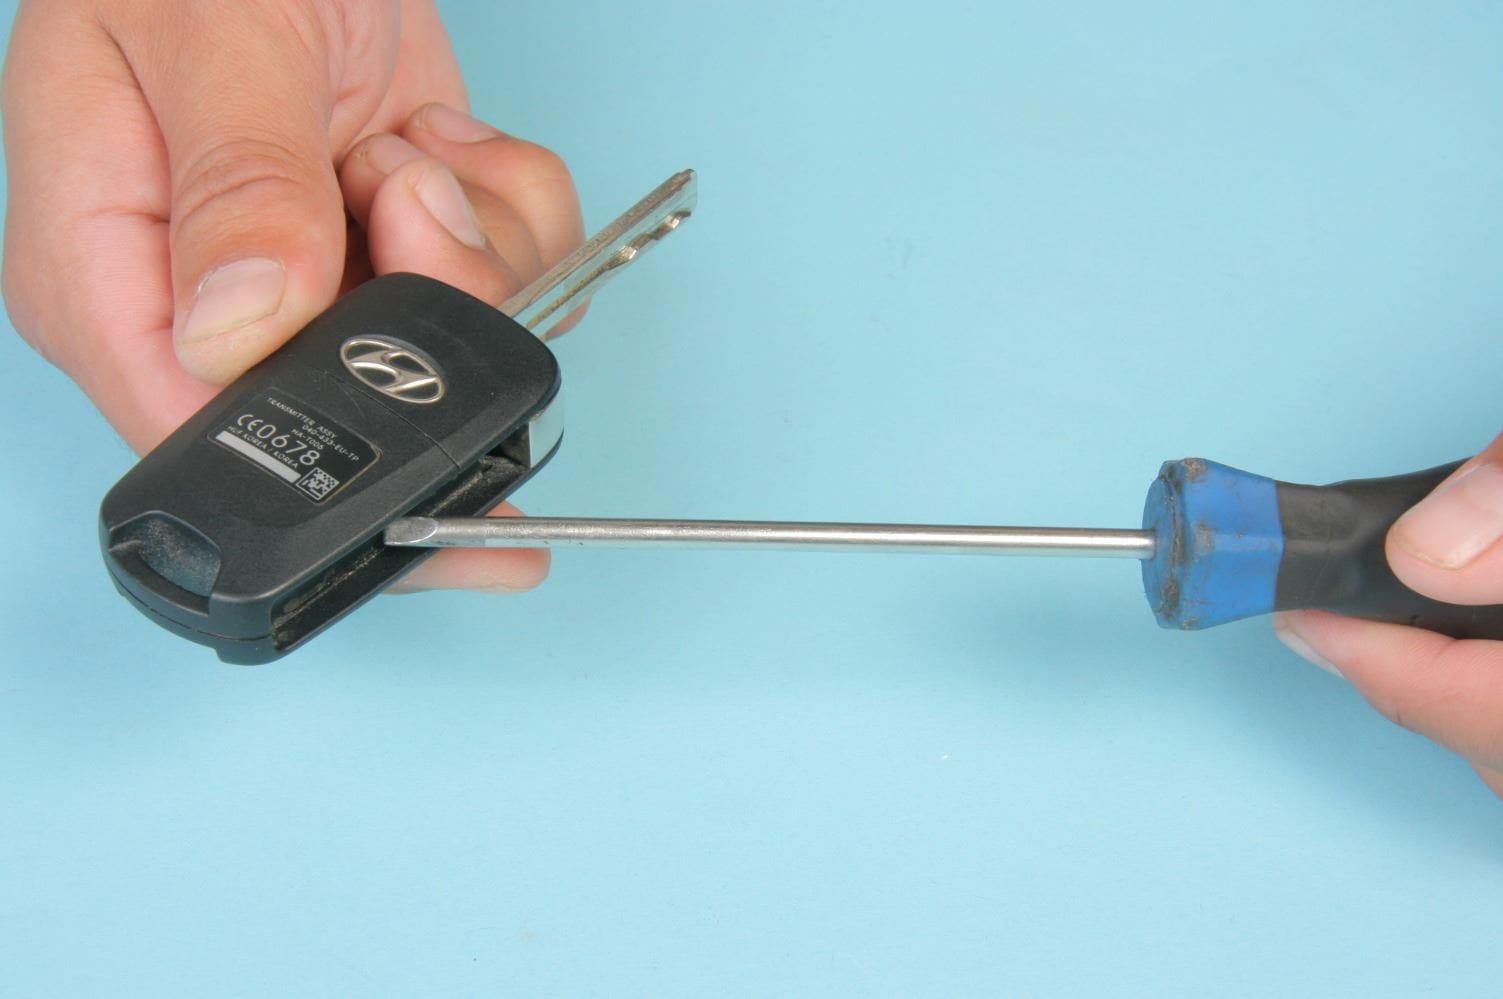 Сломался ключ от машины что делать